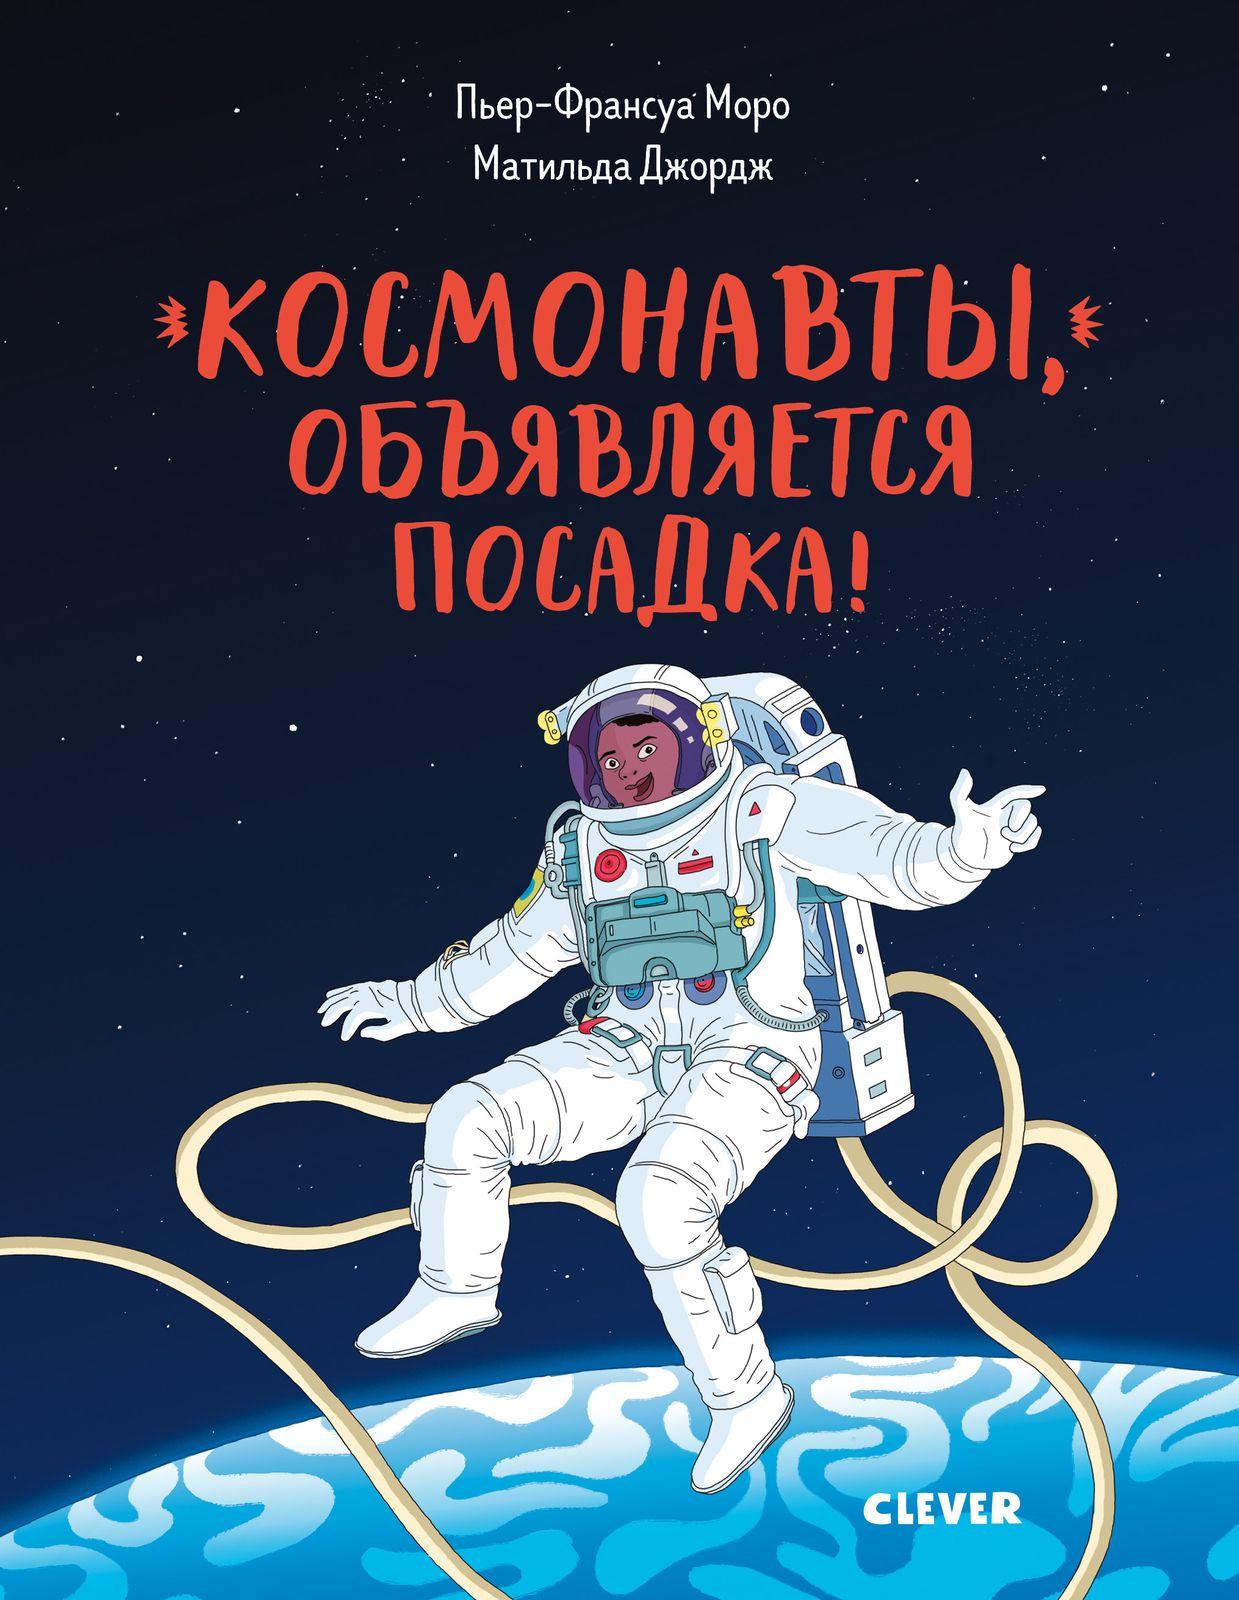 Космонавты, объявляется посадка! фото